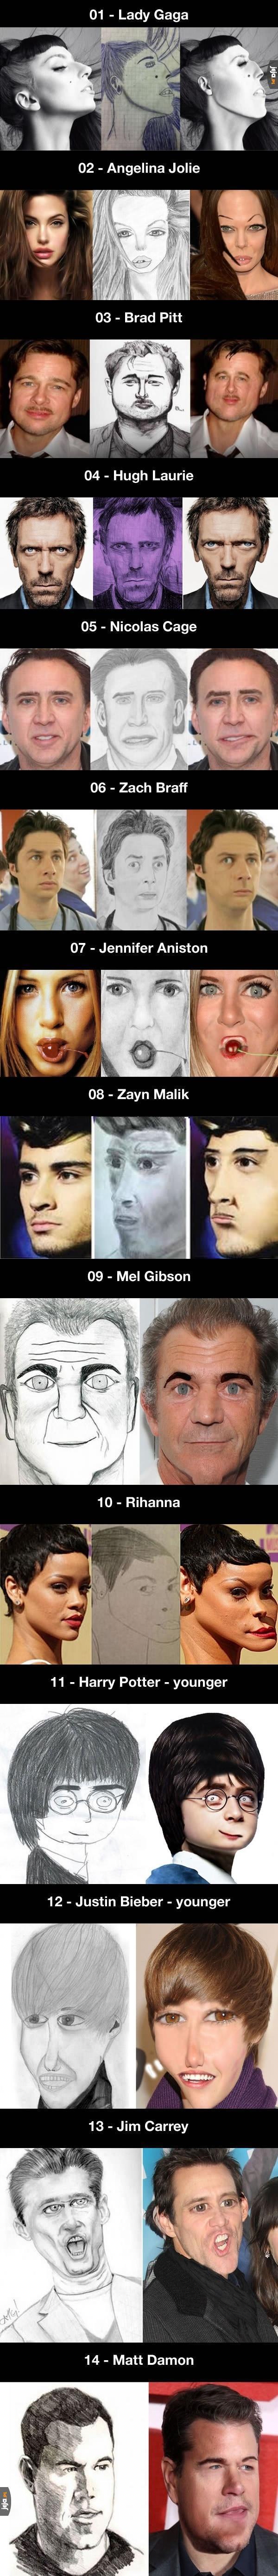 Celebryci przerobieni, żeby przypominać swoje portrety